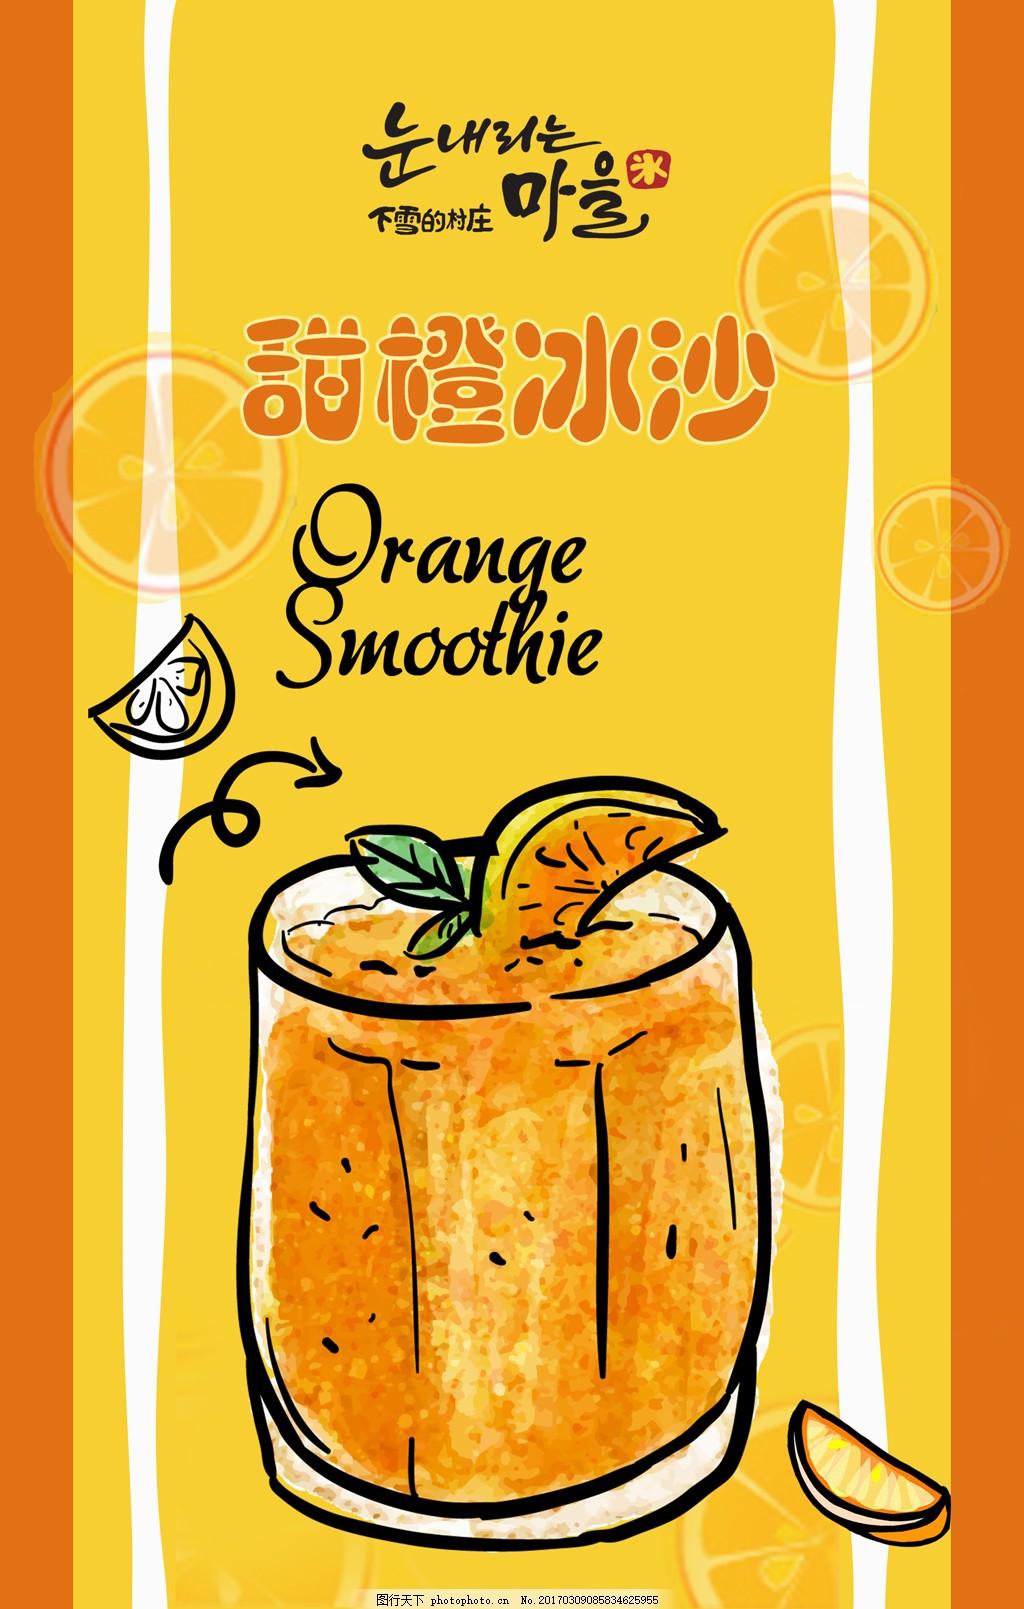 冷饮店甜橙冰沙手绘海报